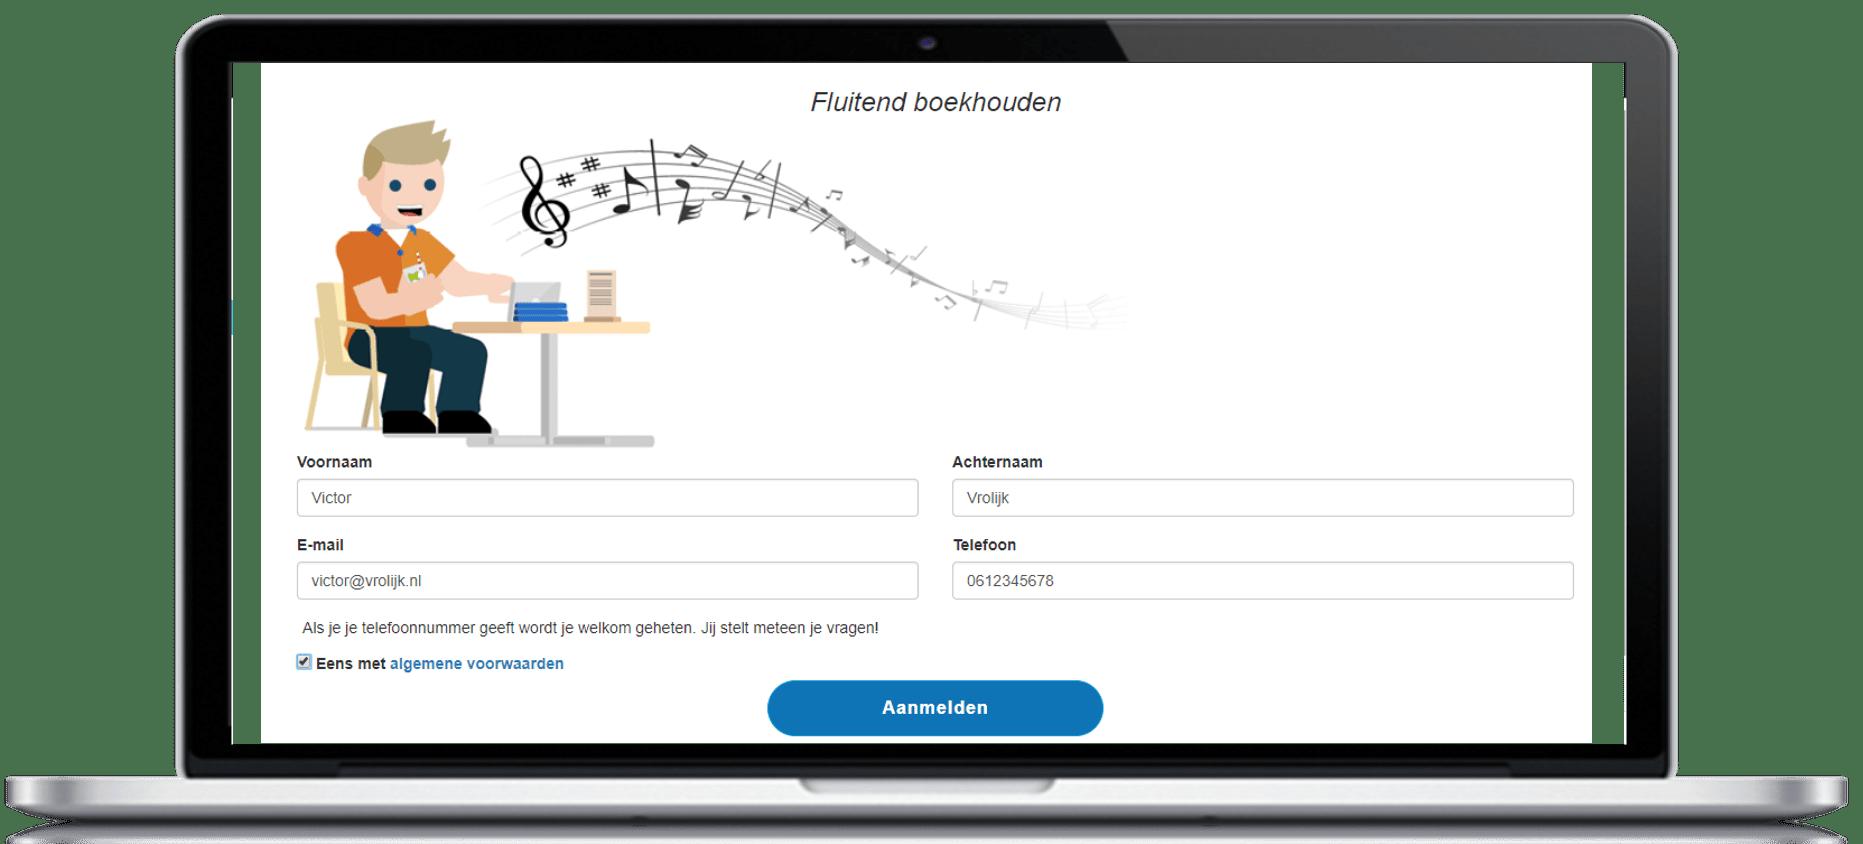 aanmelding proefabonnee zp app